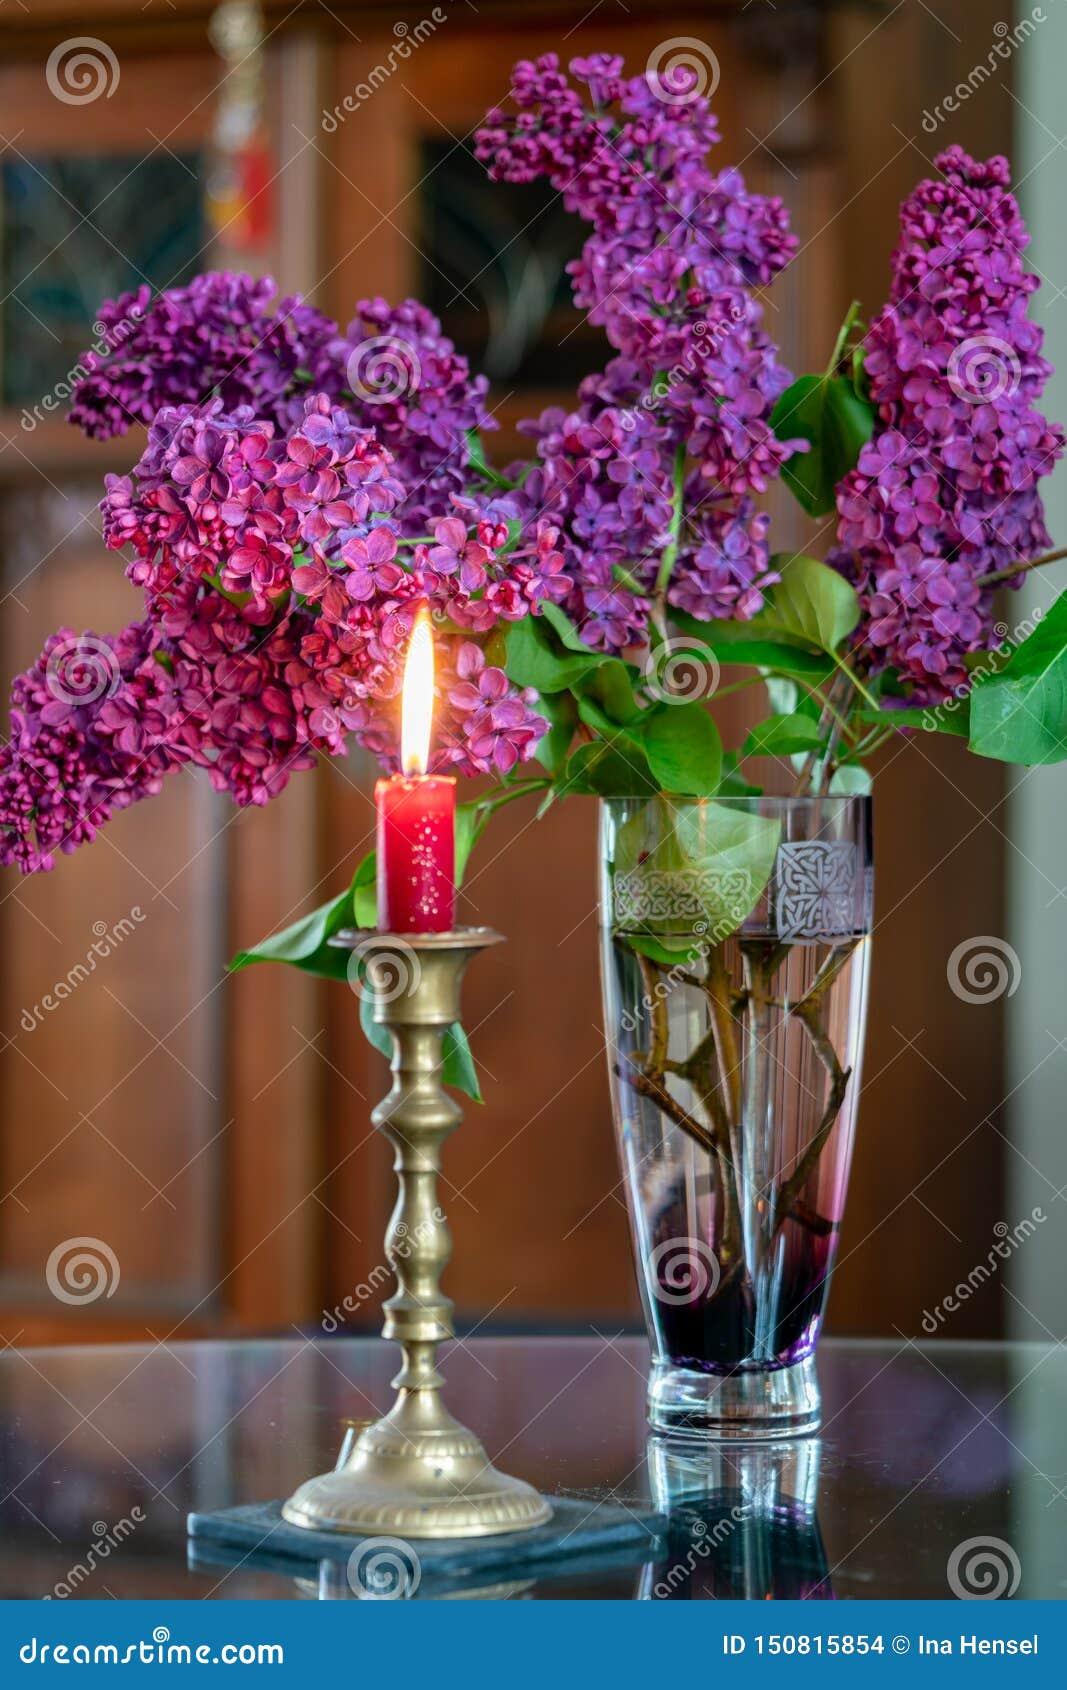 Diseño interior con una vela roja ardiente y un florero